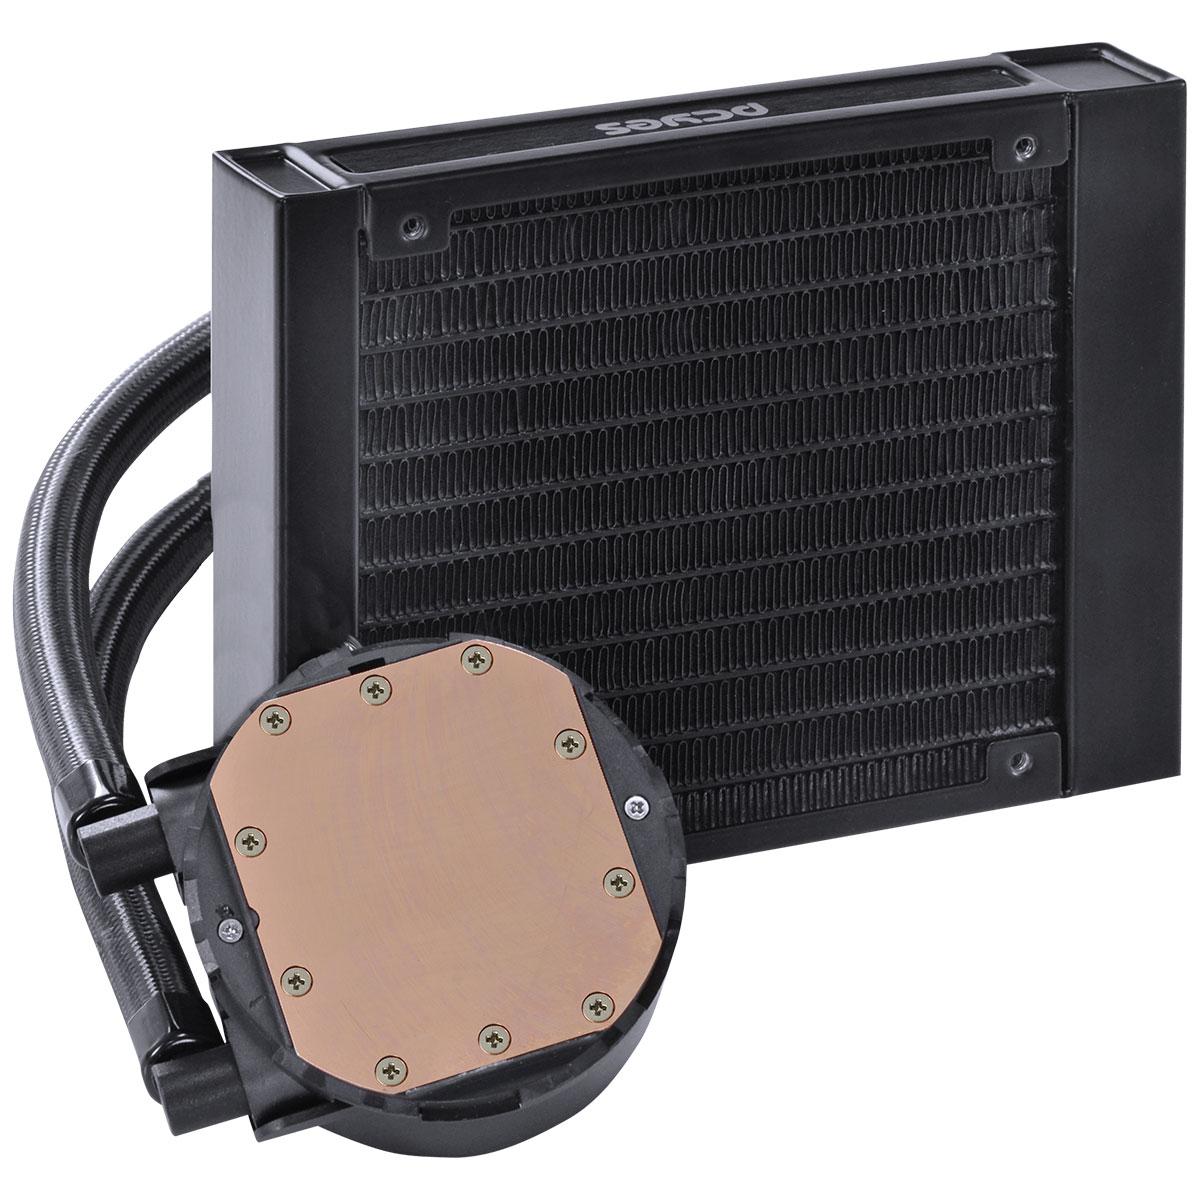 Water Cooler PCYes Sangue Frio 2, 120mm - PSF2120H33PTSL - PC FLORIPA